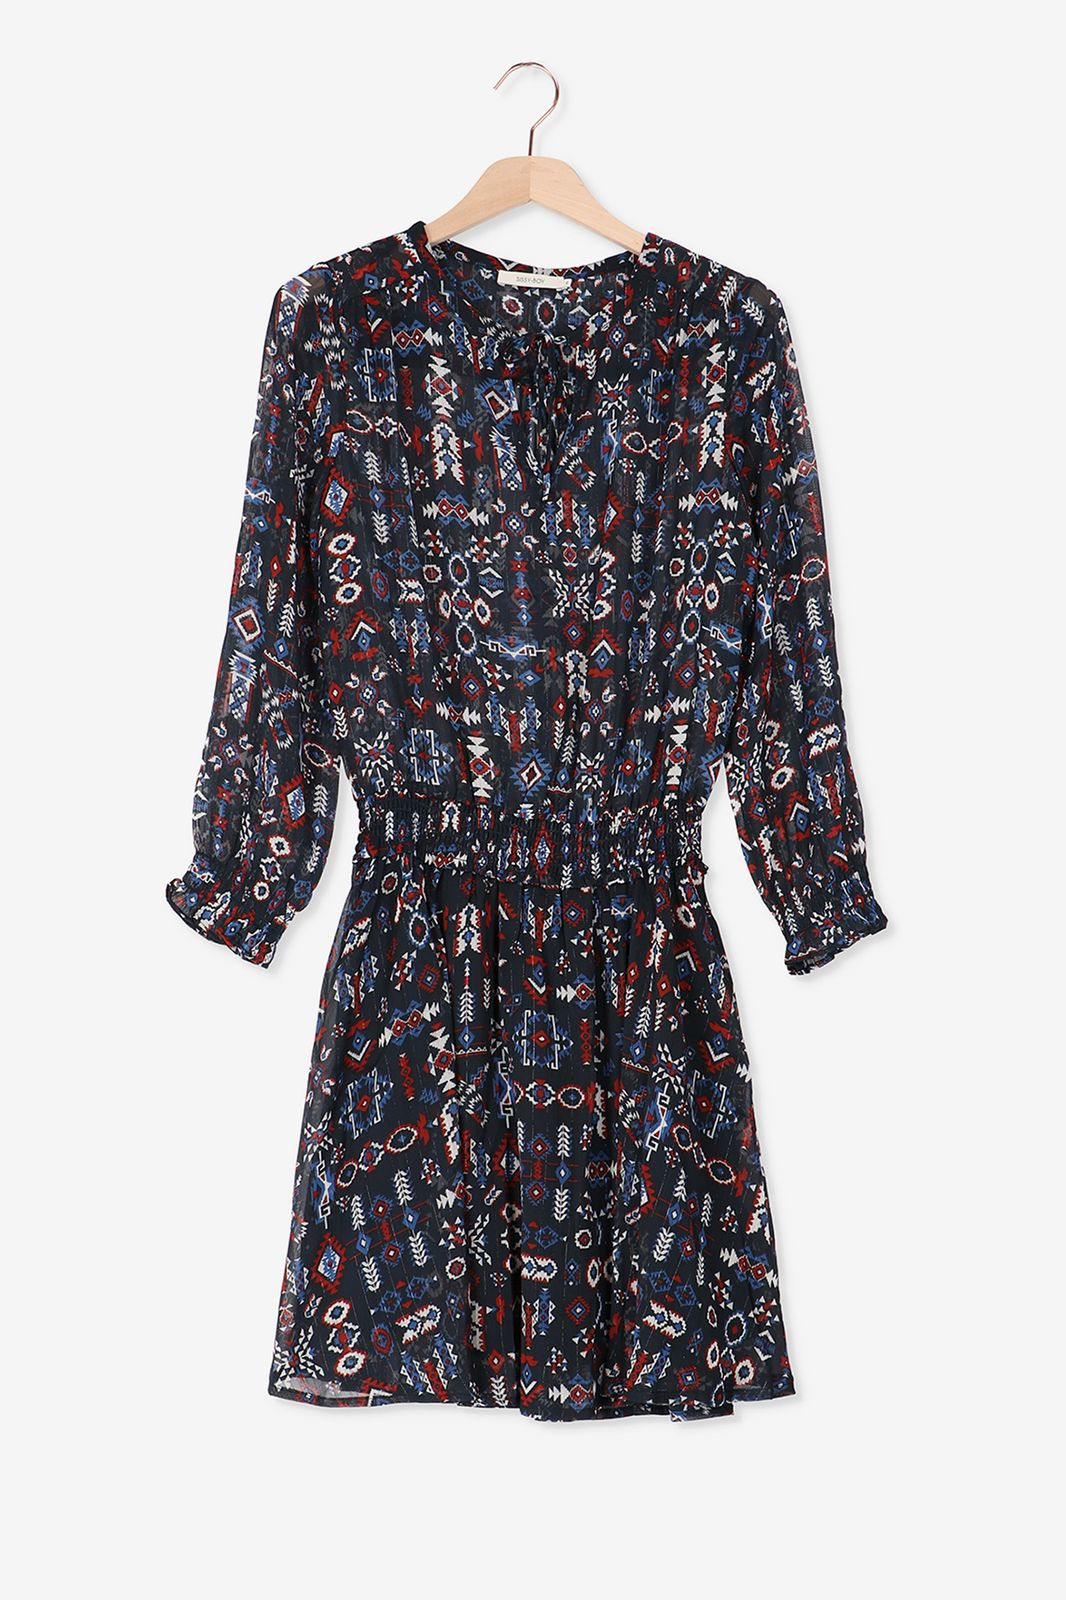 Blauwe jurk met smock